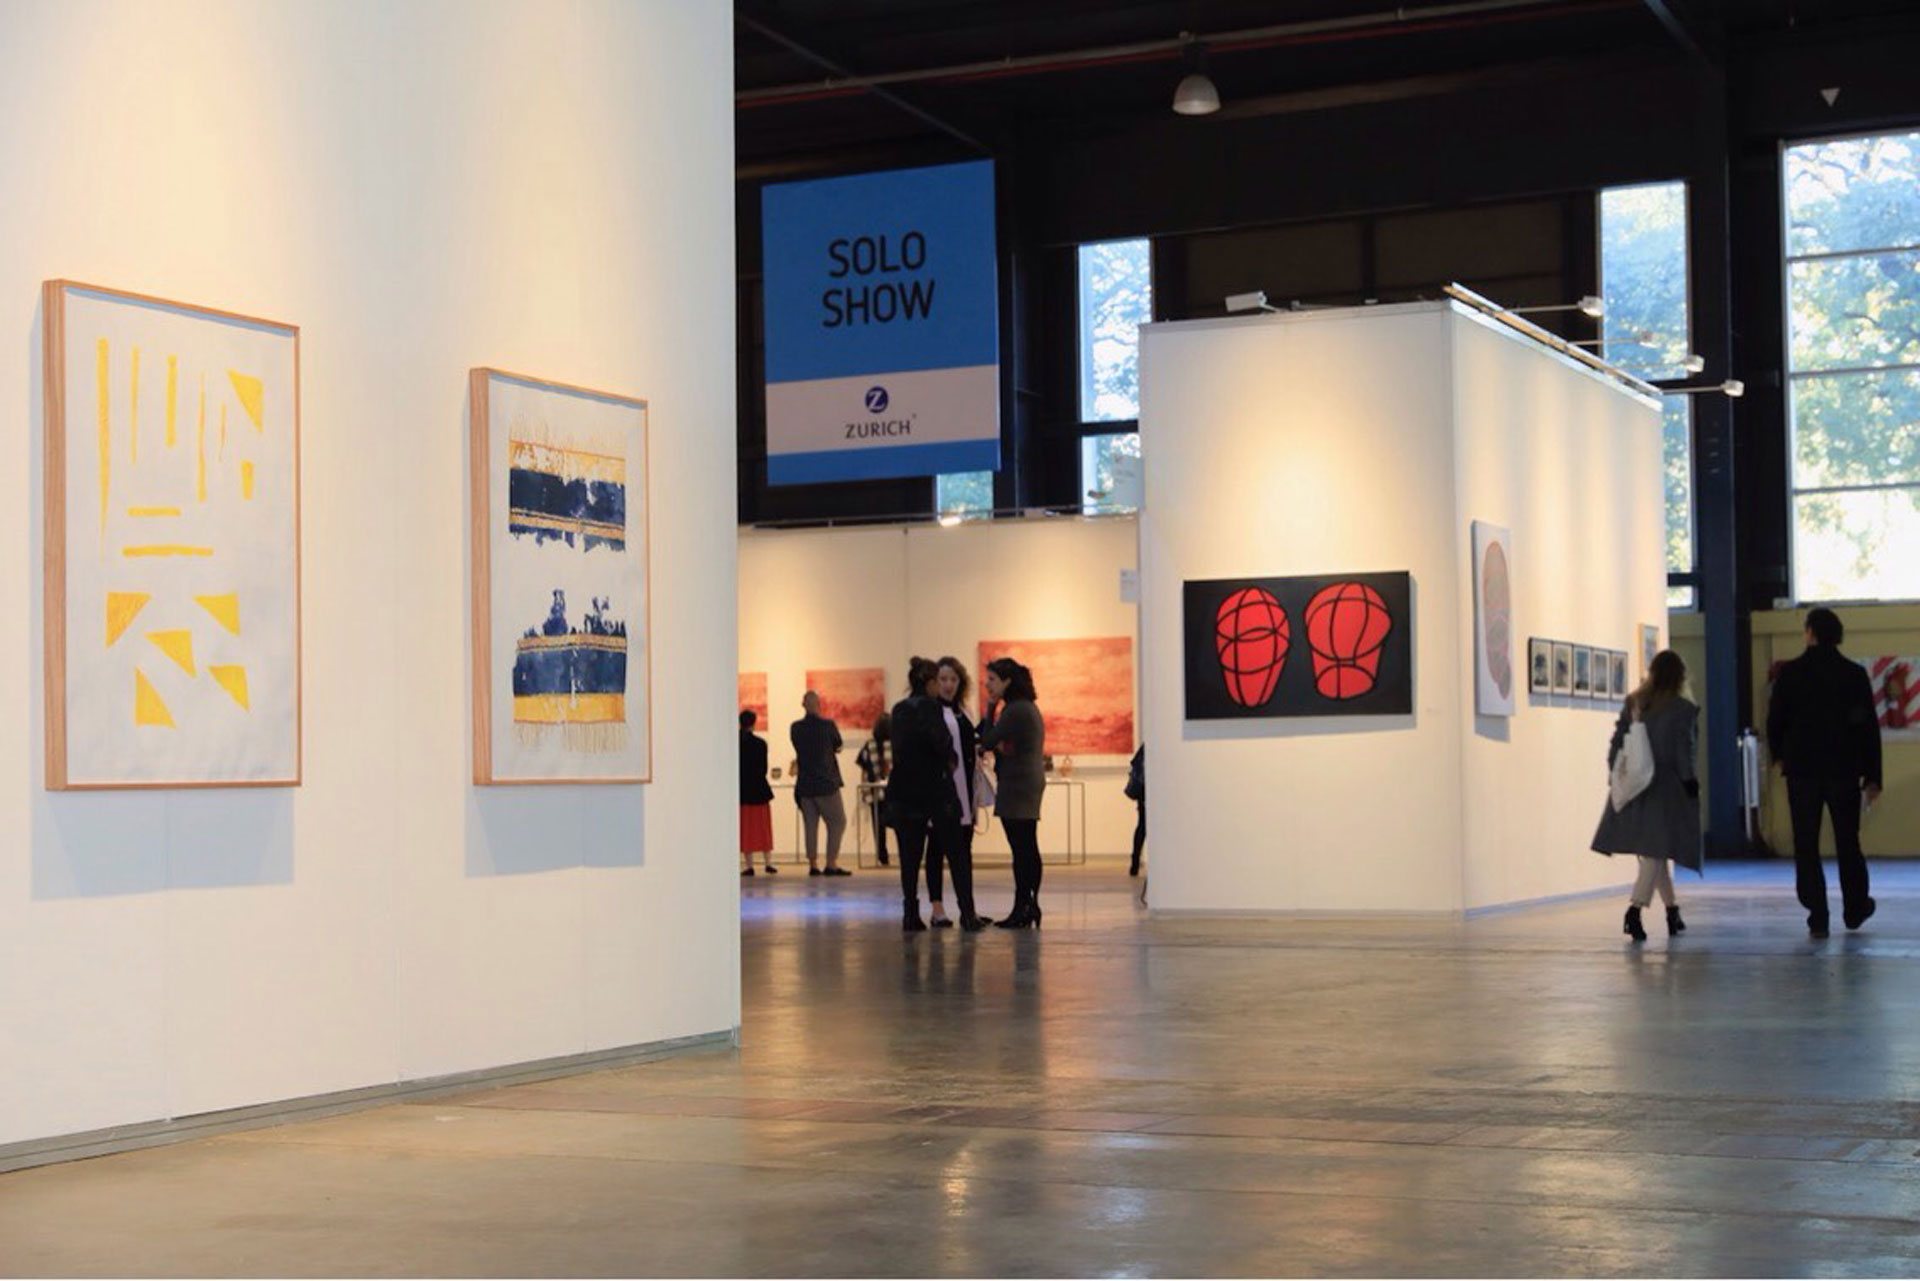 Un caos ordenado. Así se puede percibir el espacio con la nueva propuesta de Solo Show Zurich en arteBA 2018.